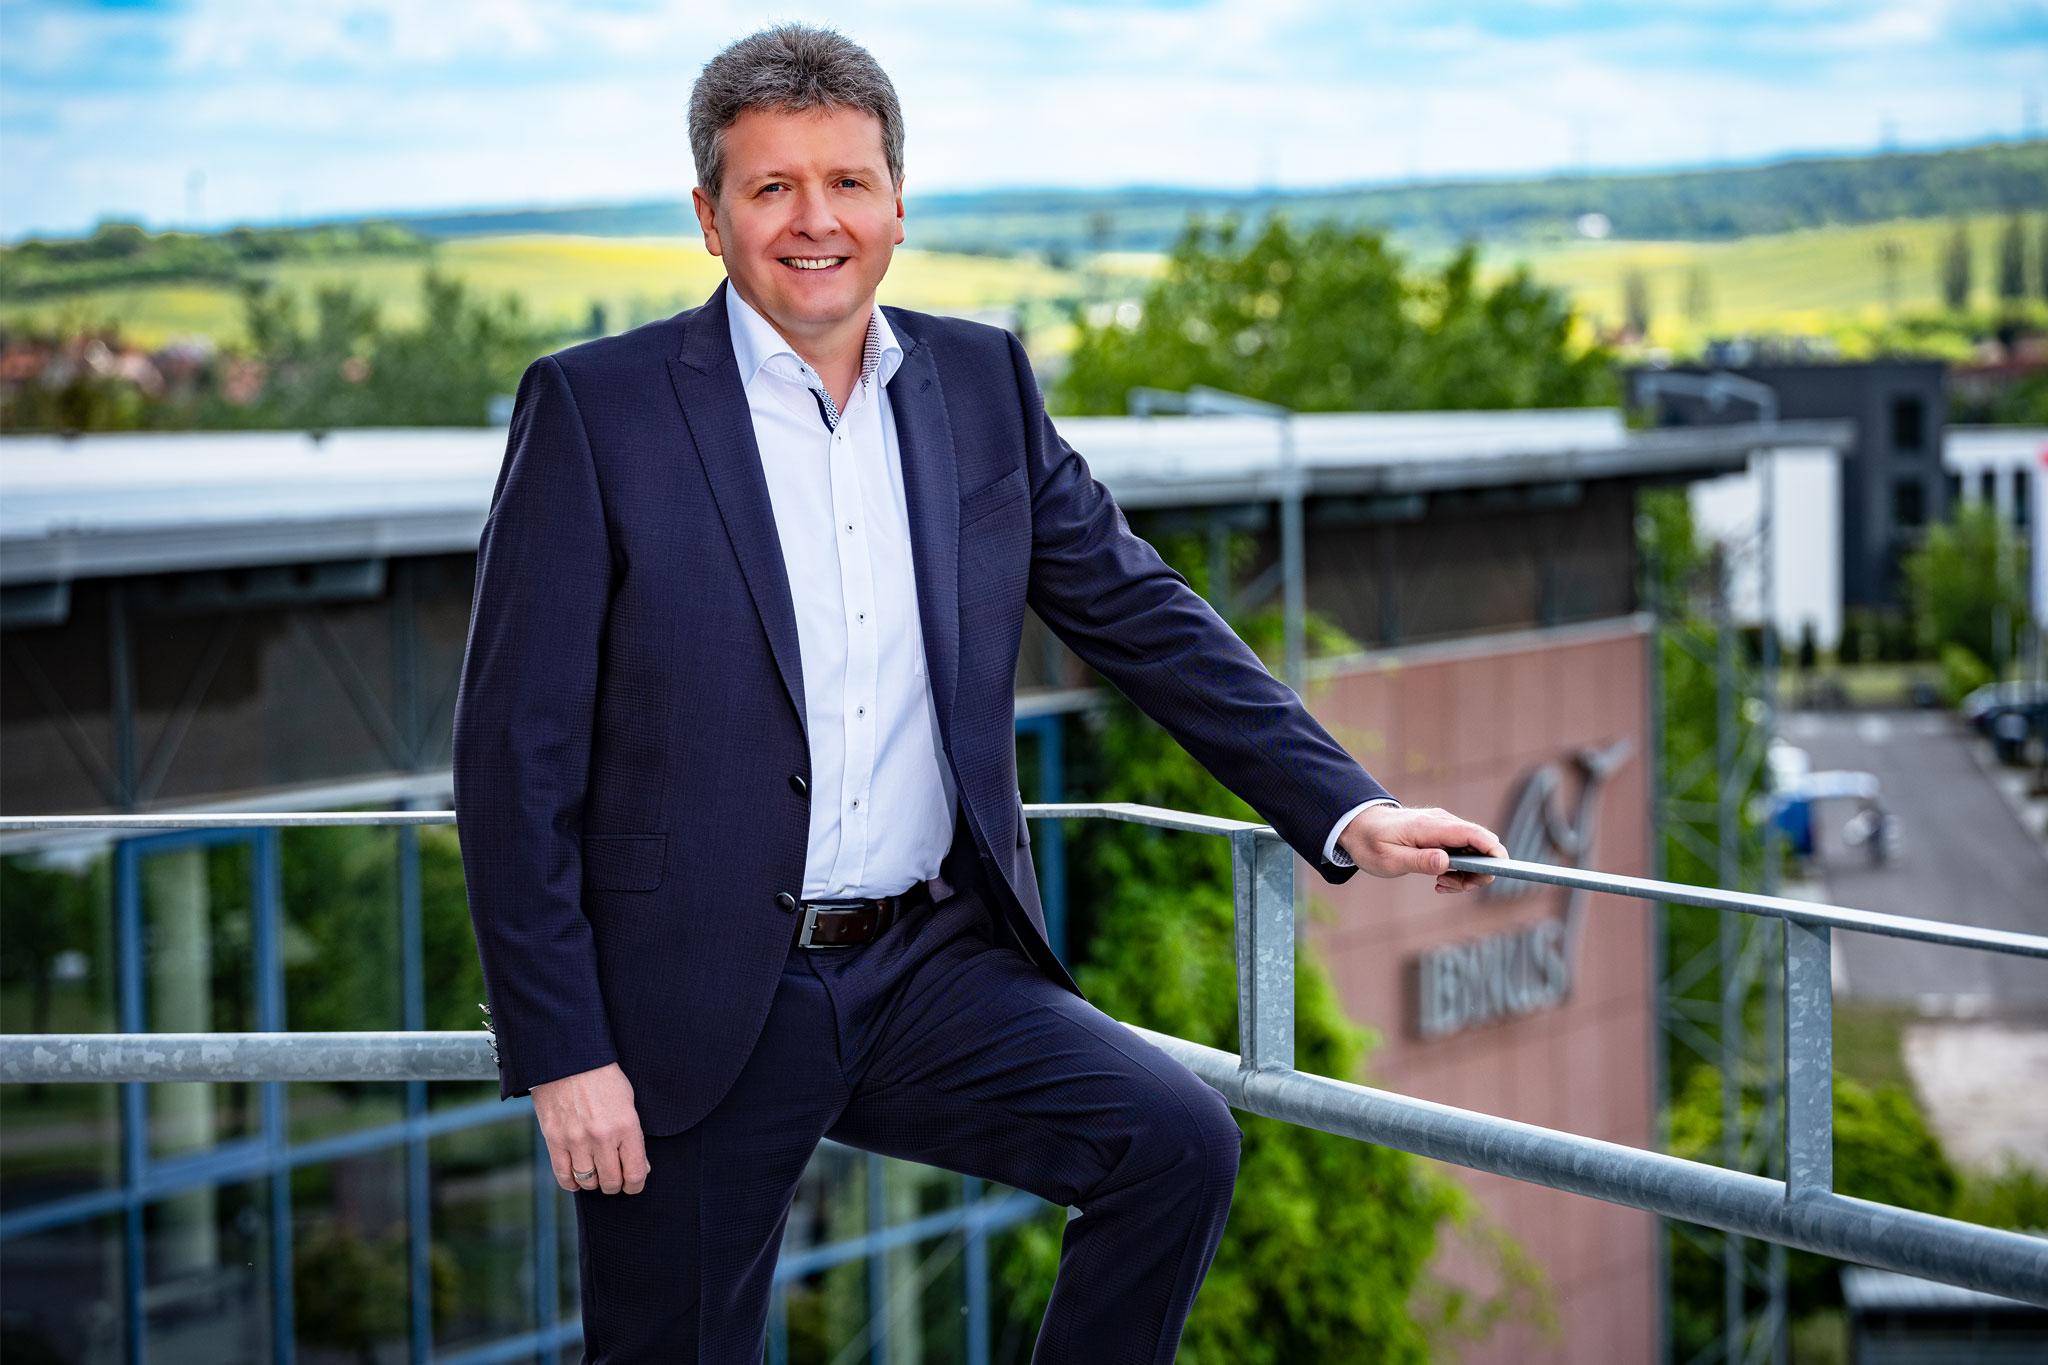 Der Aufsichtsrat der IBYKUS AG hat Thomas Winter mit Wirkung zum 1. Mai 2020 zum Chief Executive Officer (CEO) ernannt.